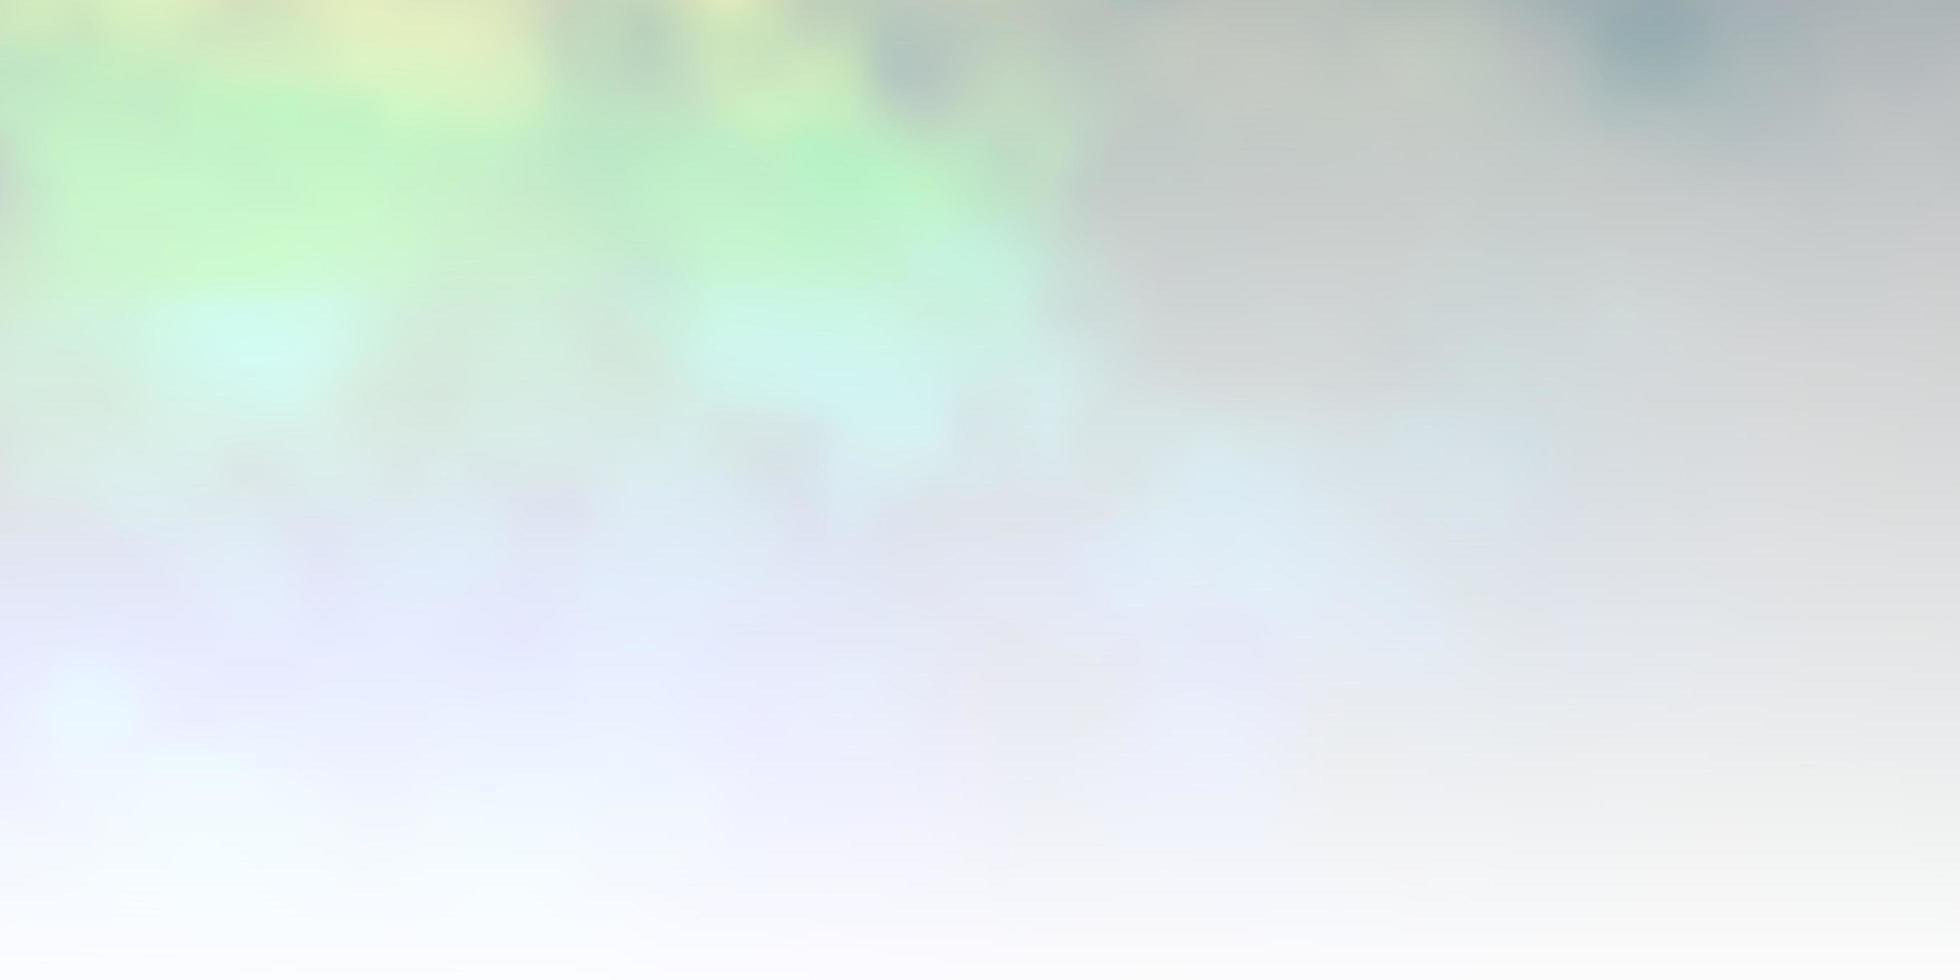 textura multicolor escura com céu nublado. vetor